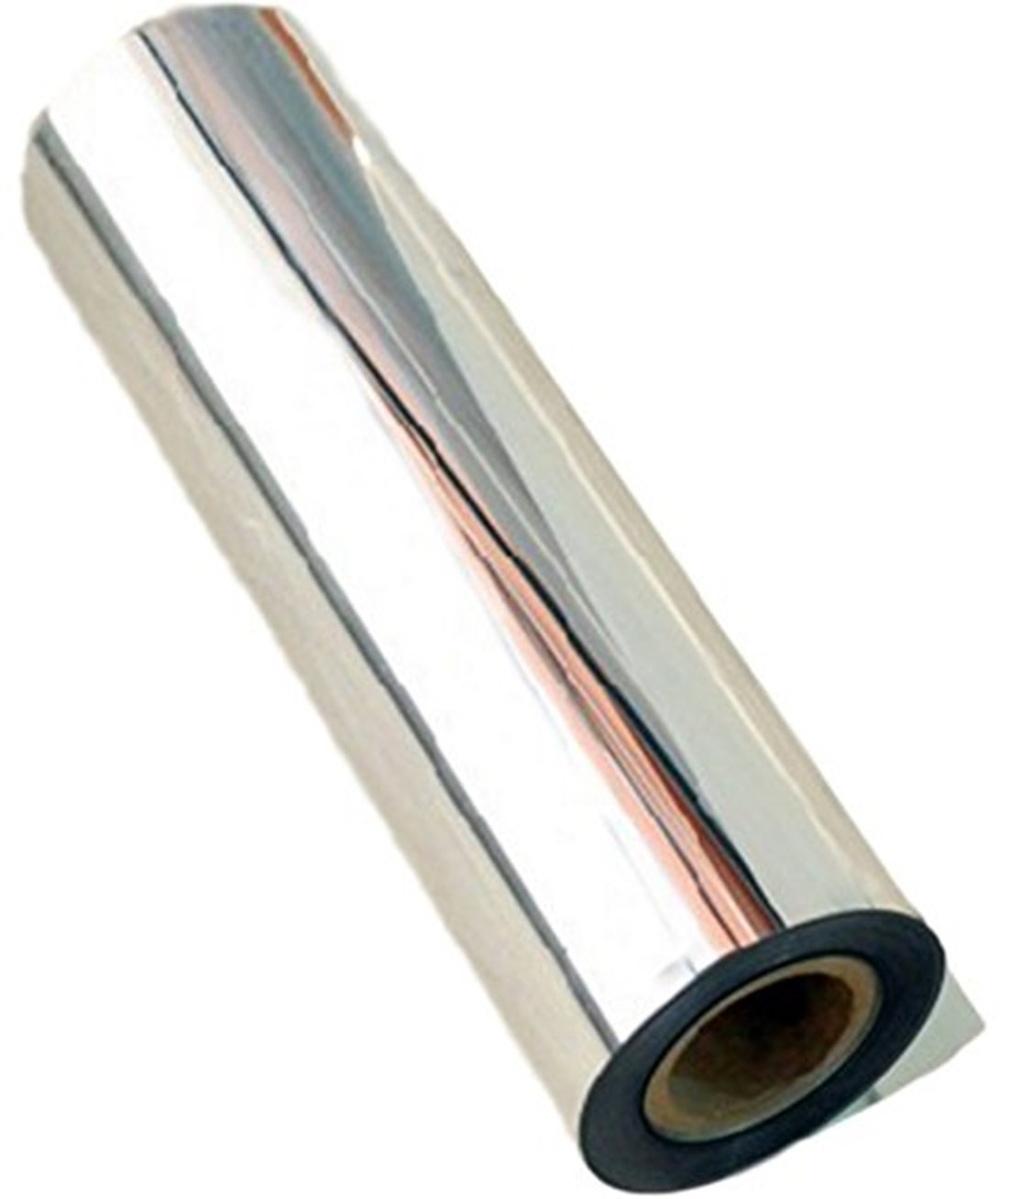 楽天市場 割れない鏡 ミラーシート 貼る 鏡 防水 ウォールステッカー